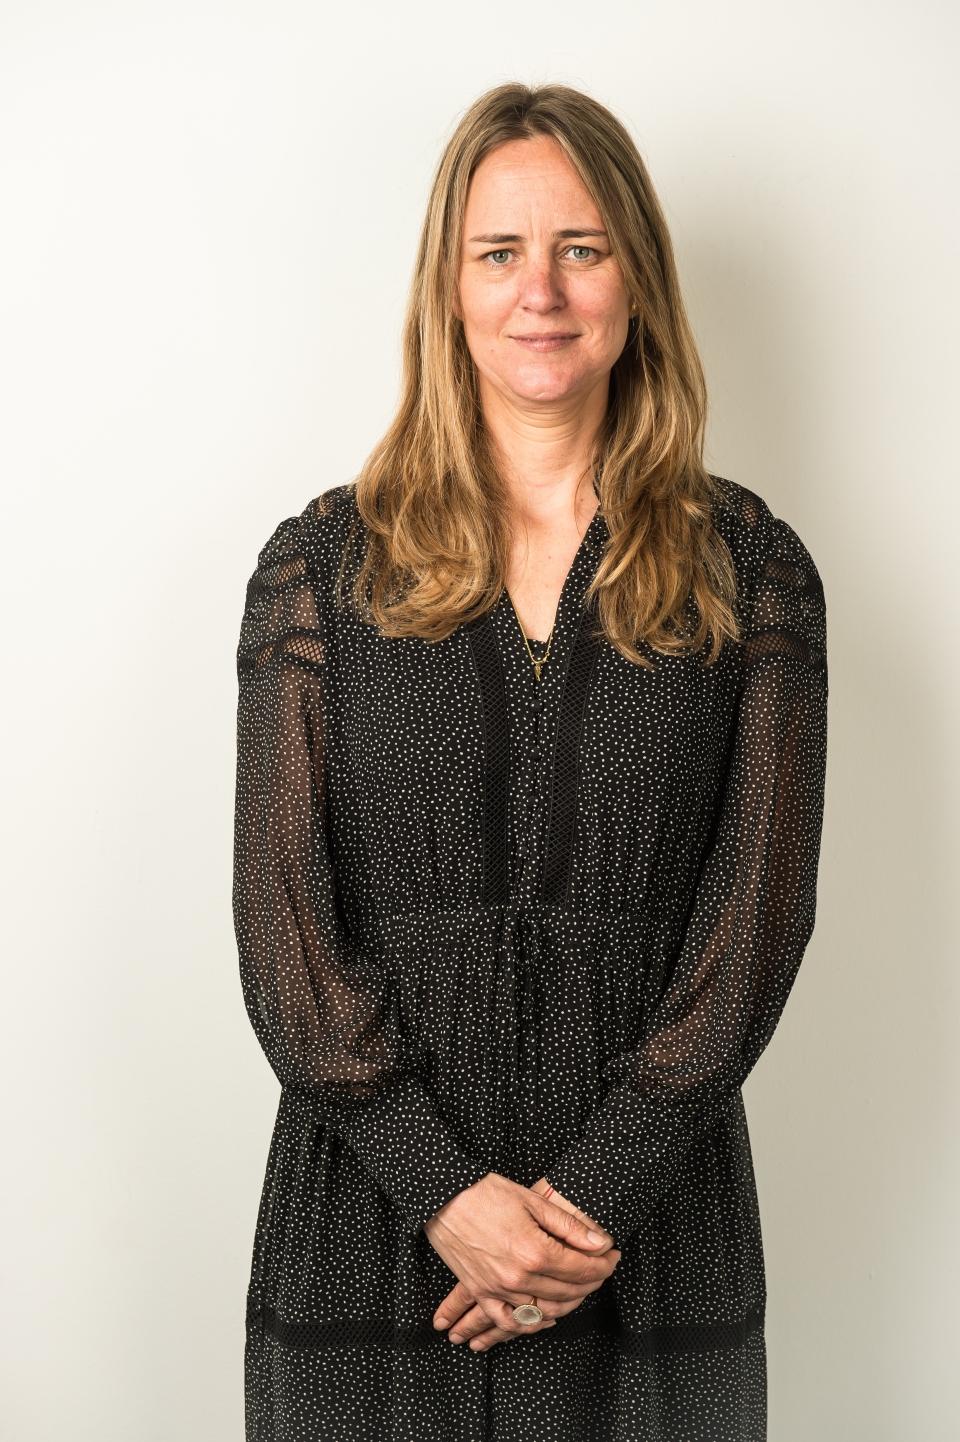 Karin Lauwagie